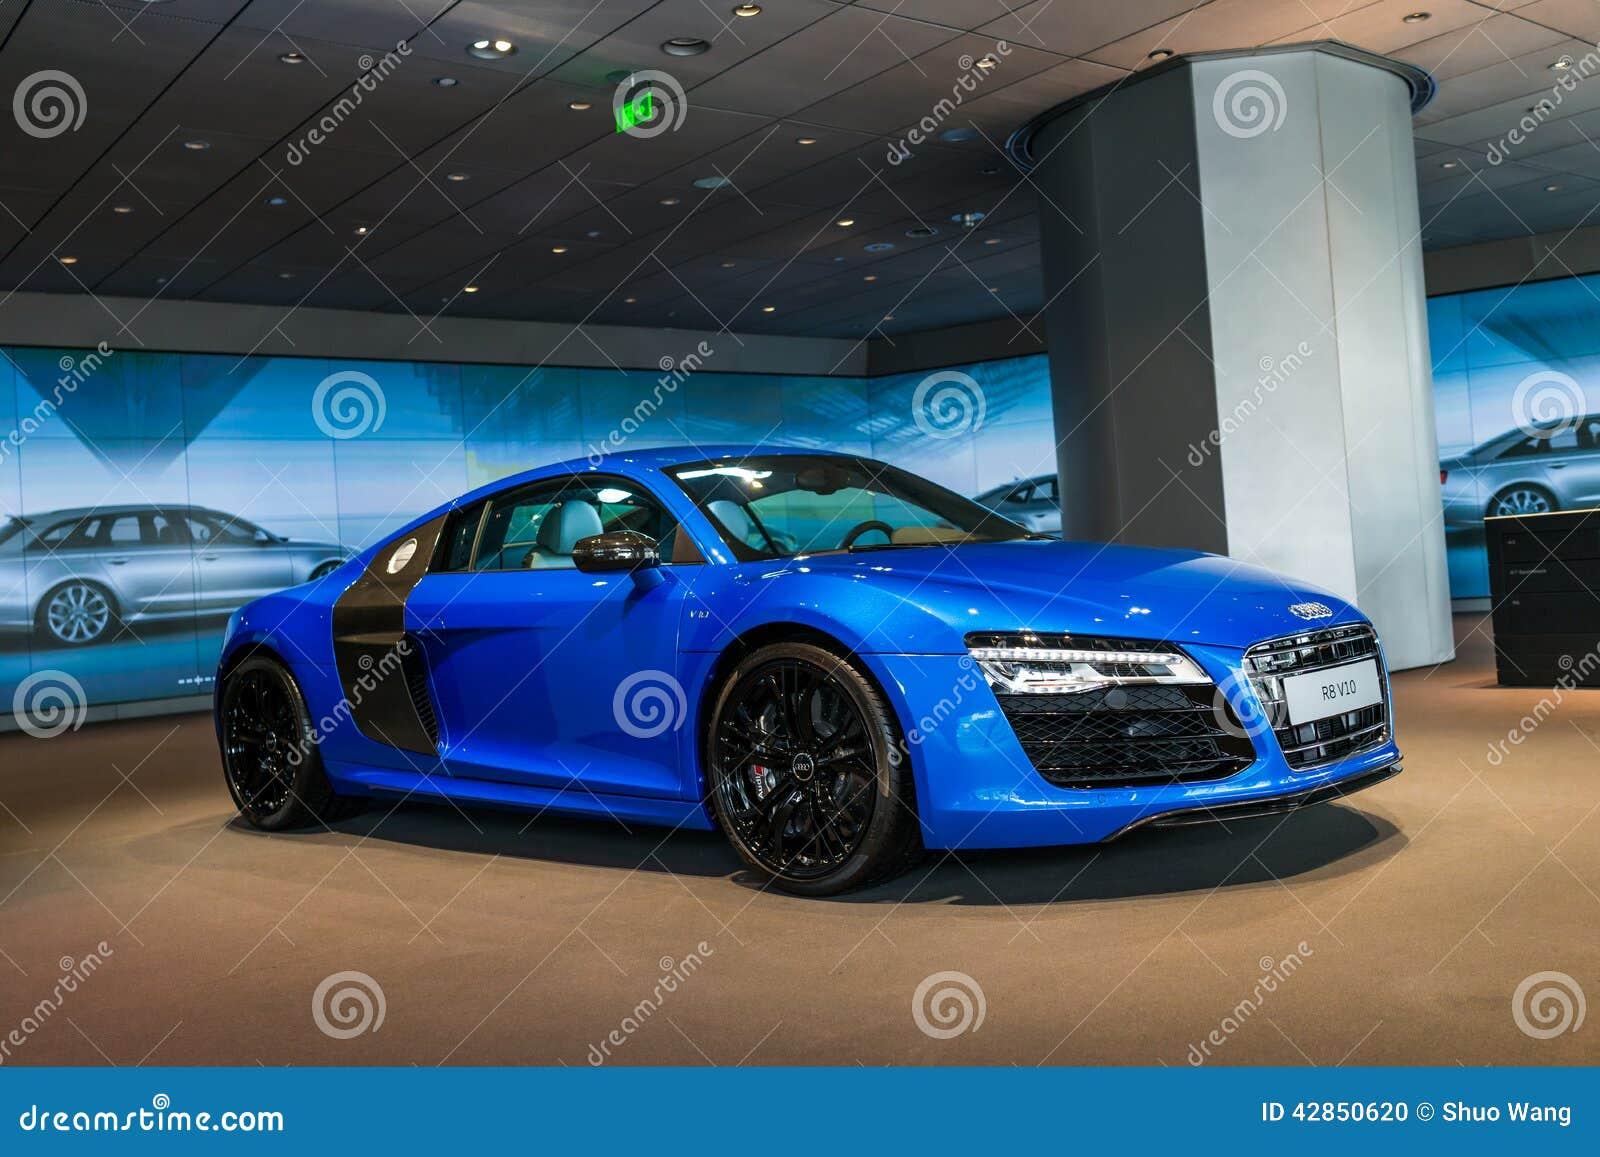 Voiture de sport vendre audi r8 image ditorial image - Image de voiture de sport ...